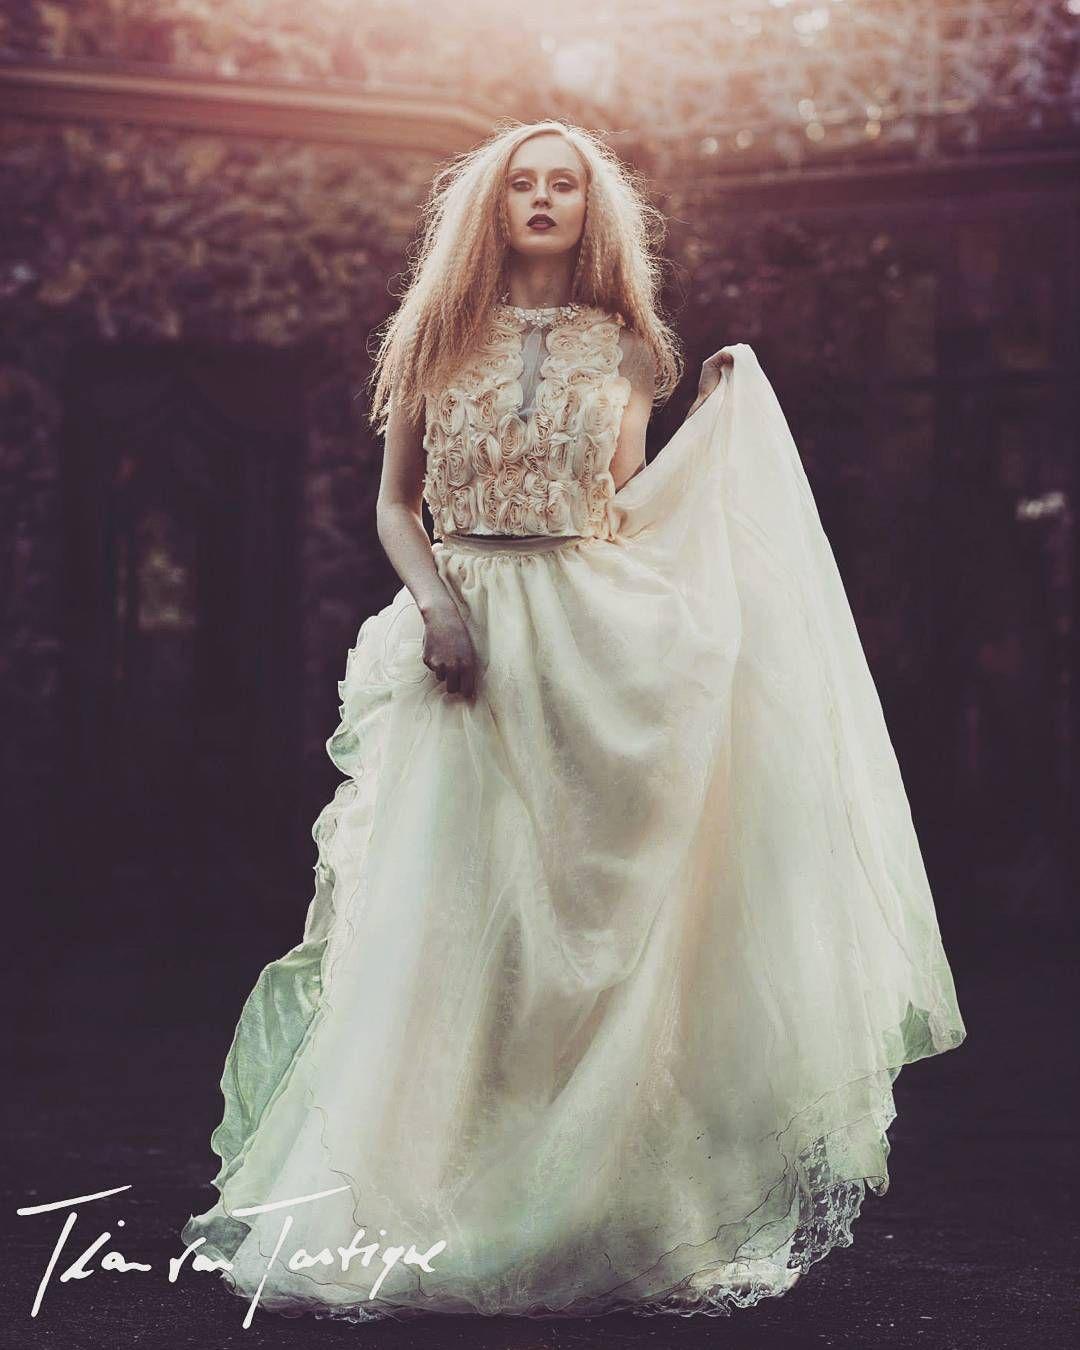 Ein Traumhaftes Brautkleid Von Tian Van Tastique Vintage